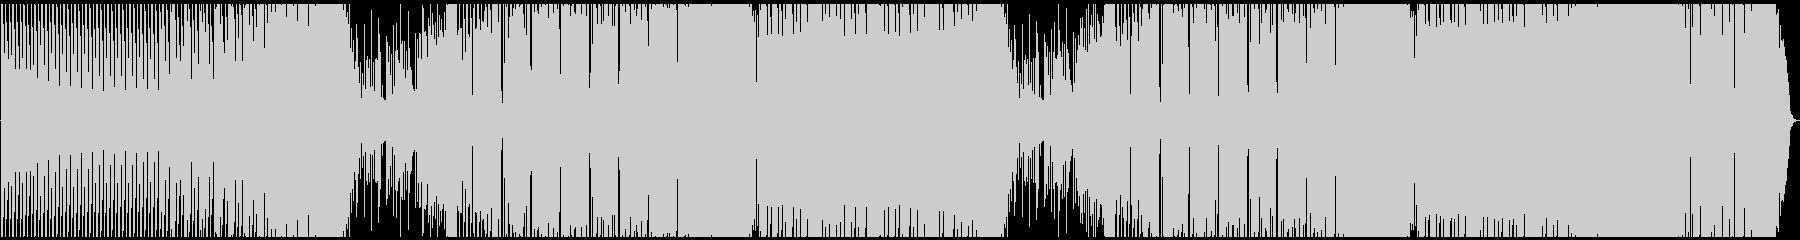 ハウス ダンス プログレッシブ ポ...の未再生の波形